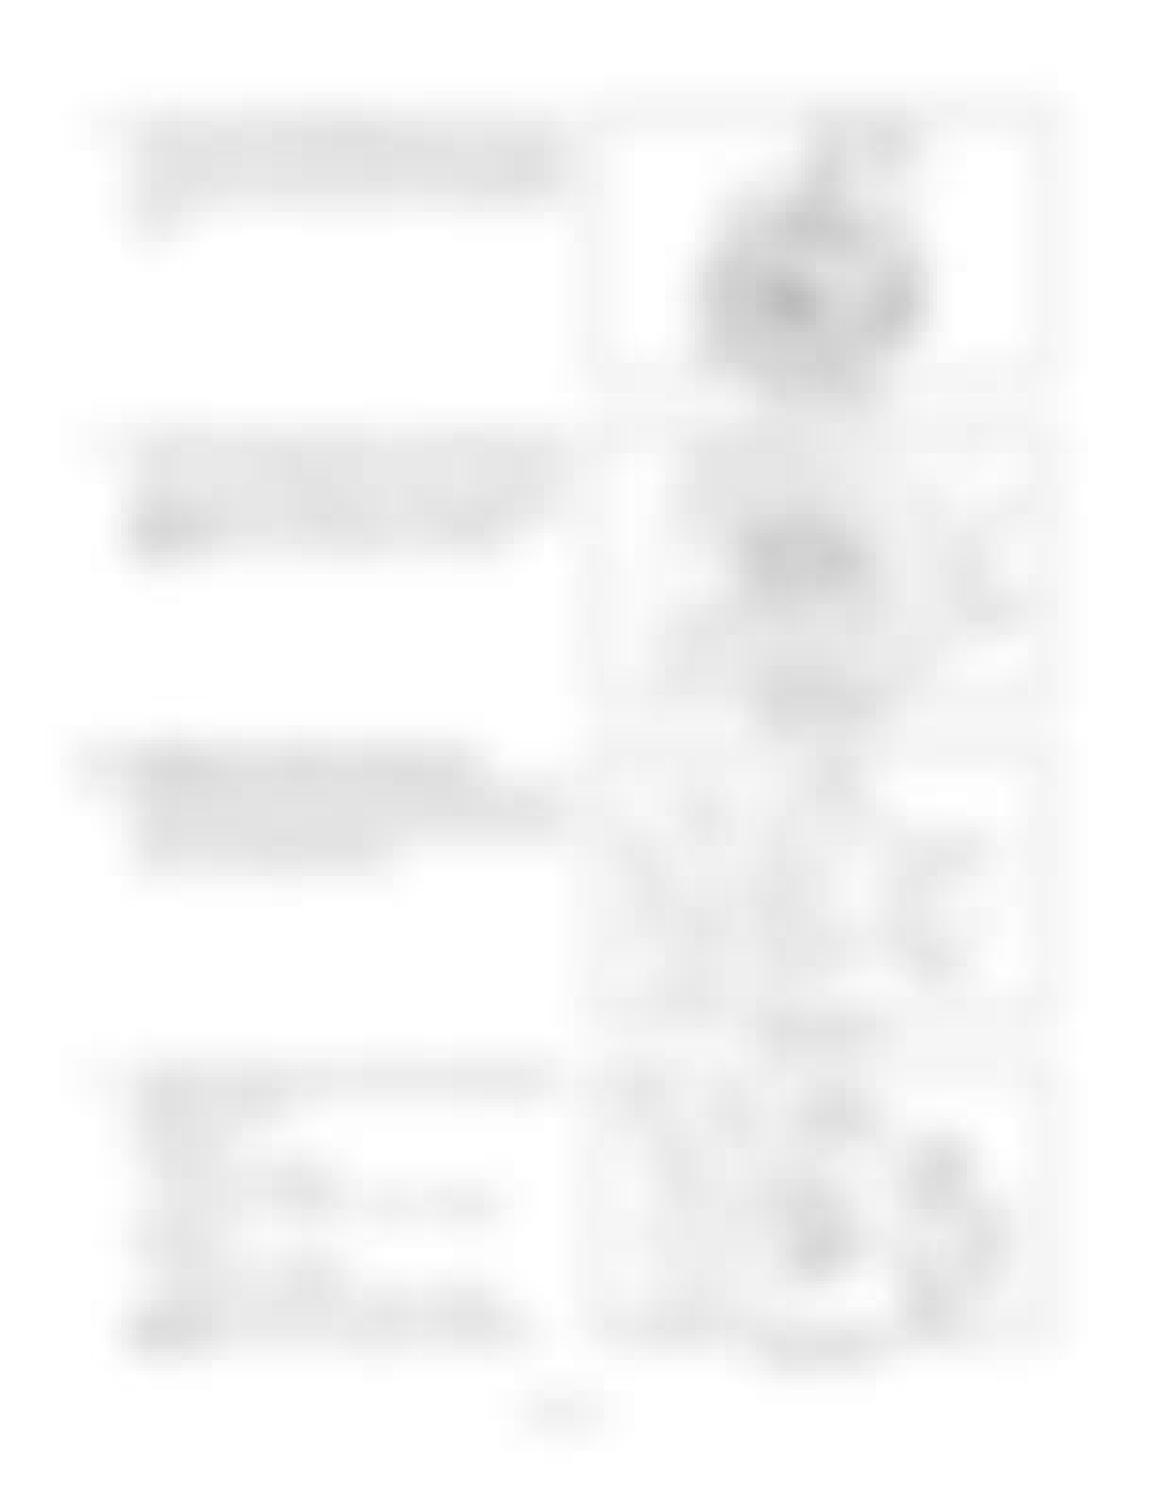 Hitachi LX110-7 LX130-7 LX160-7 LX190-7 LX230-7 Wheel Loader Workshop Manual - PDF DOWNLOAD page 238